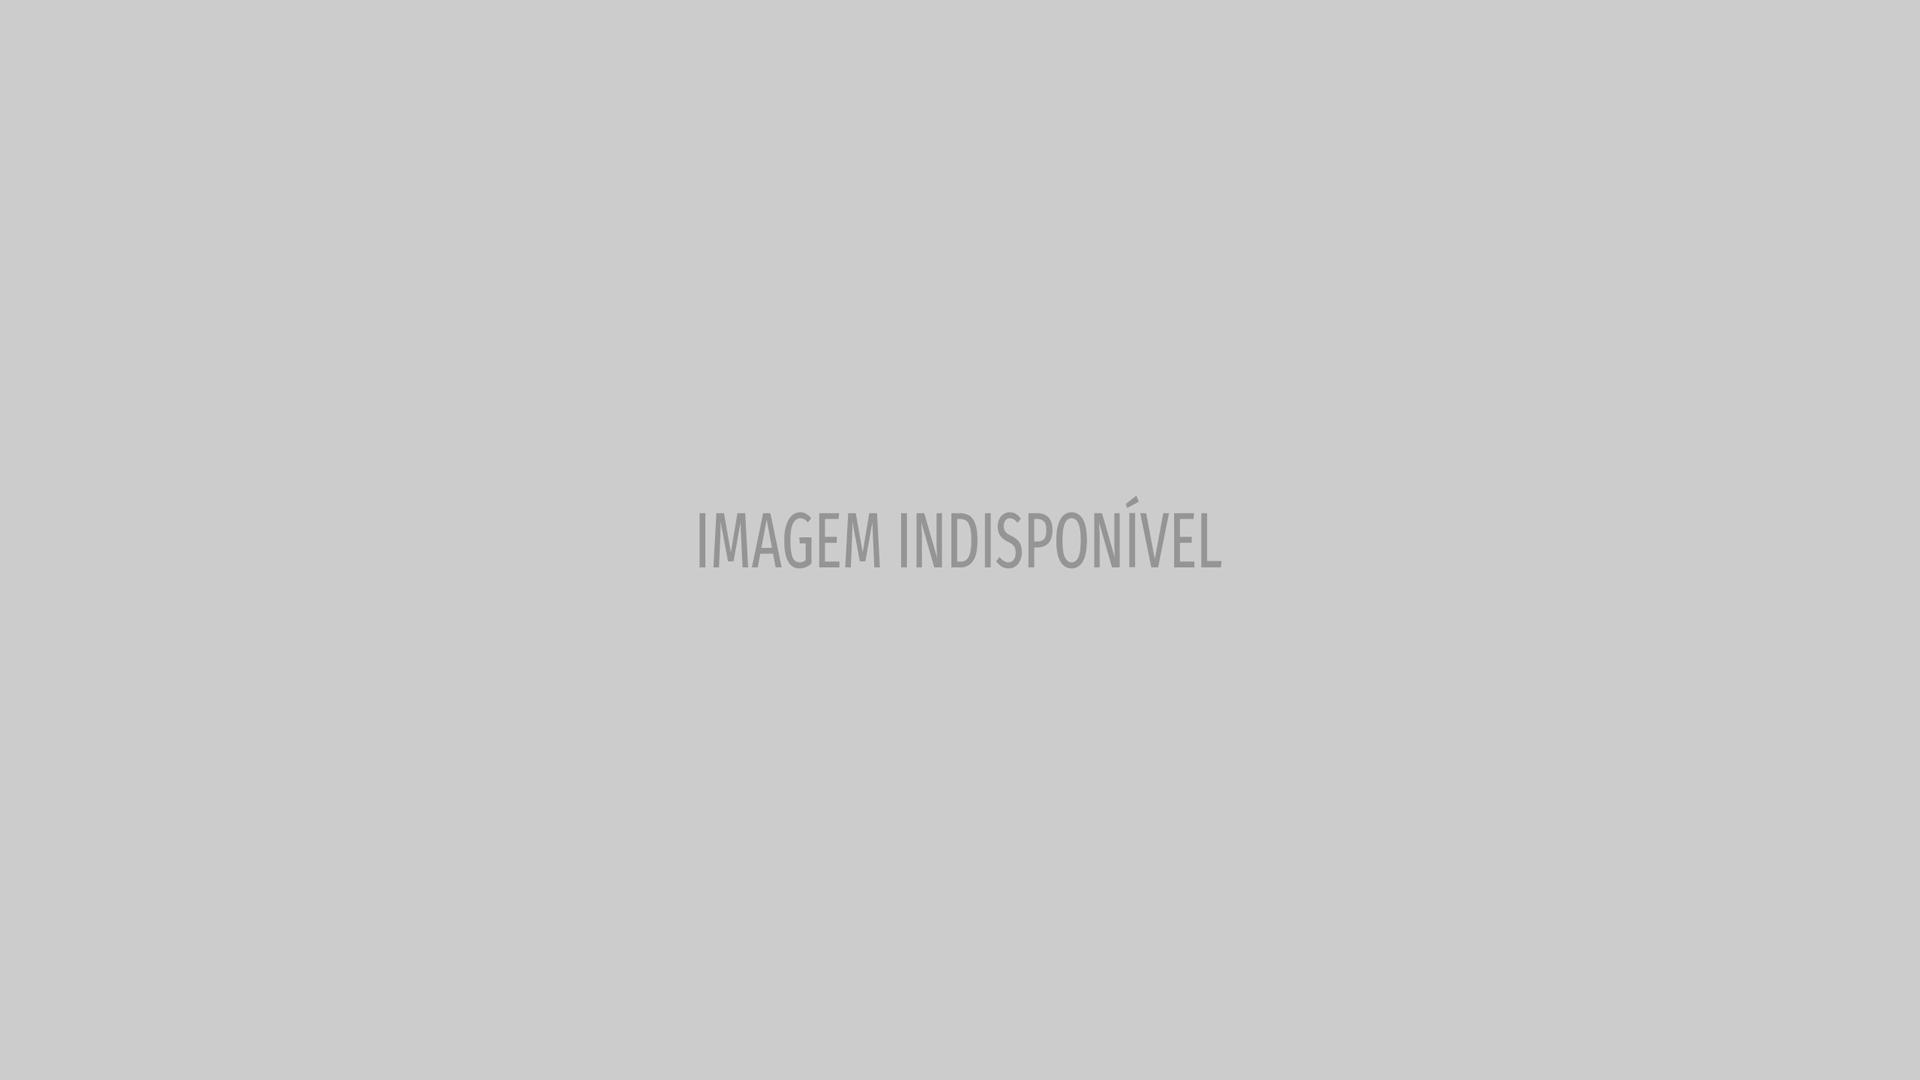 Elon Musk mostra primeira imagem de fato espacial da SpaceX